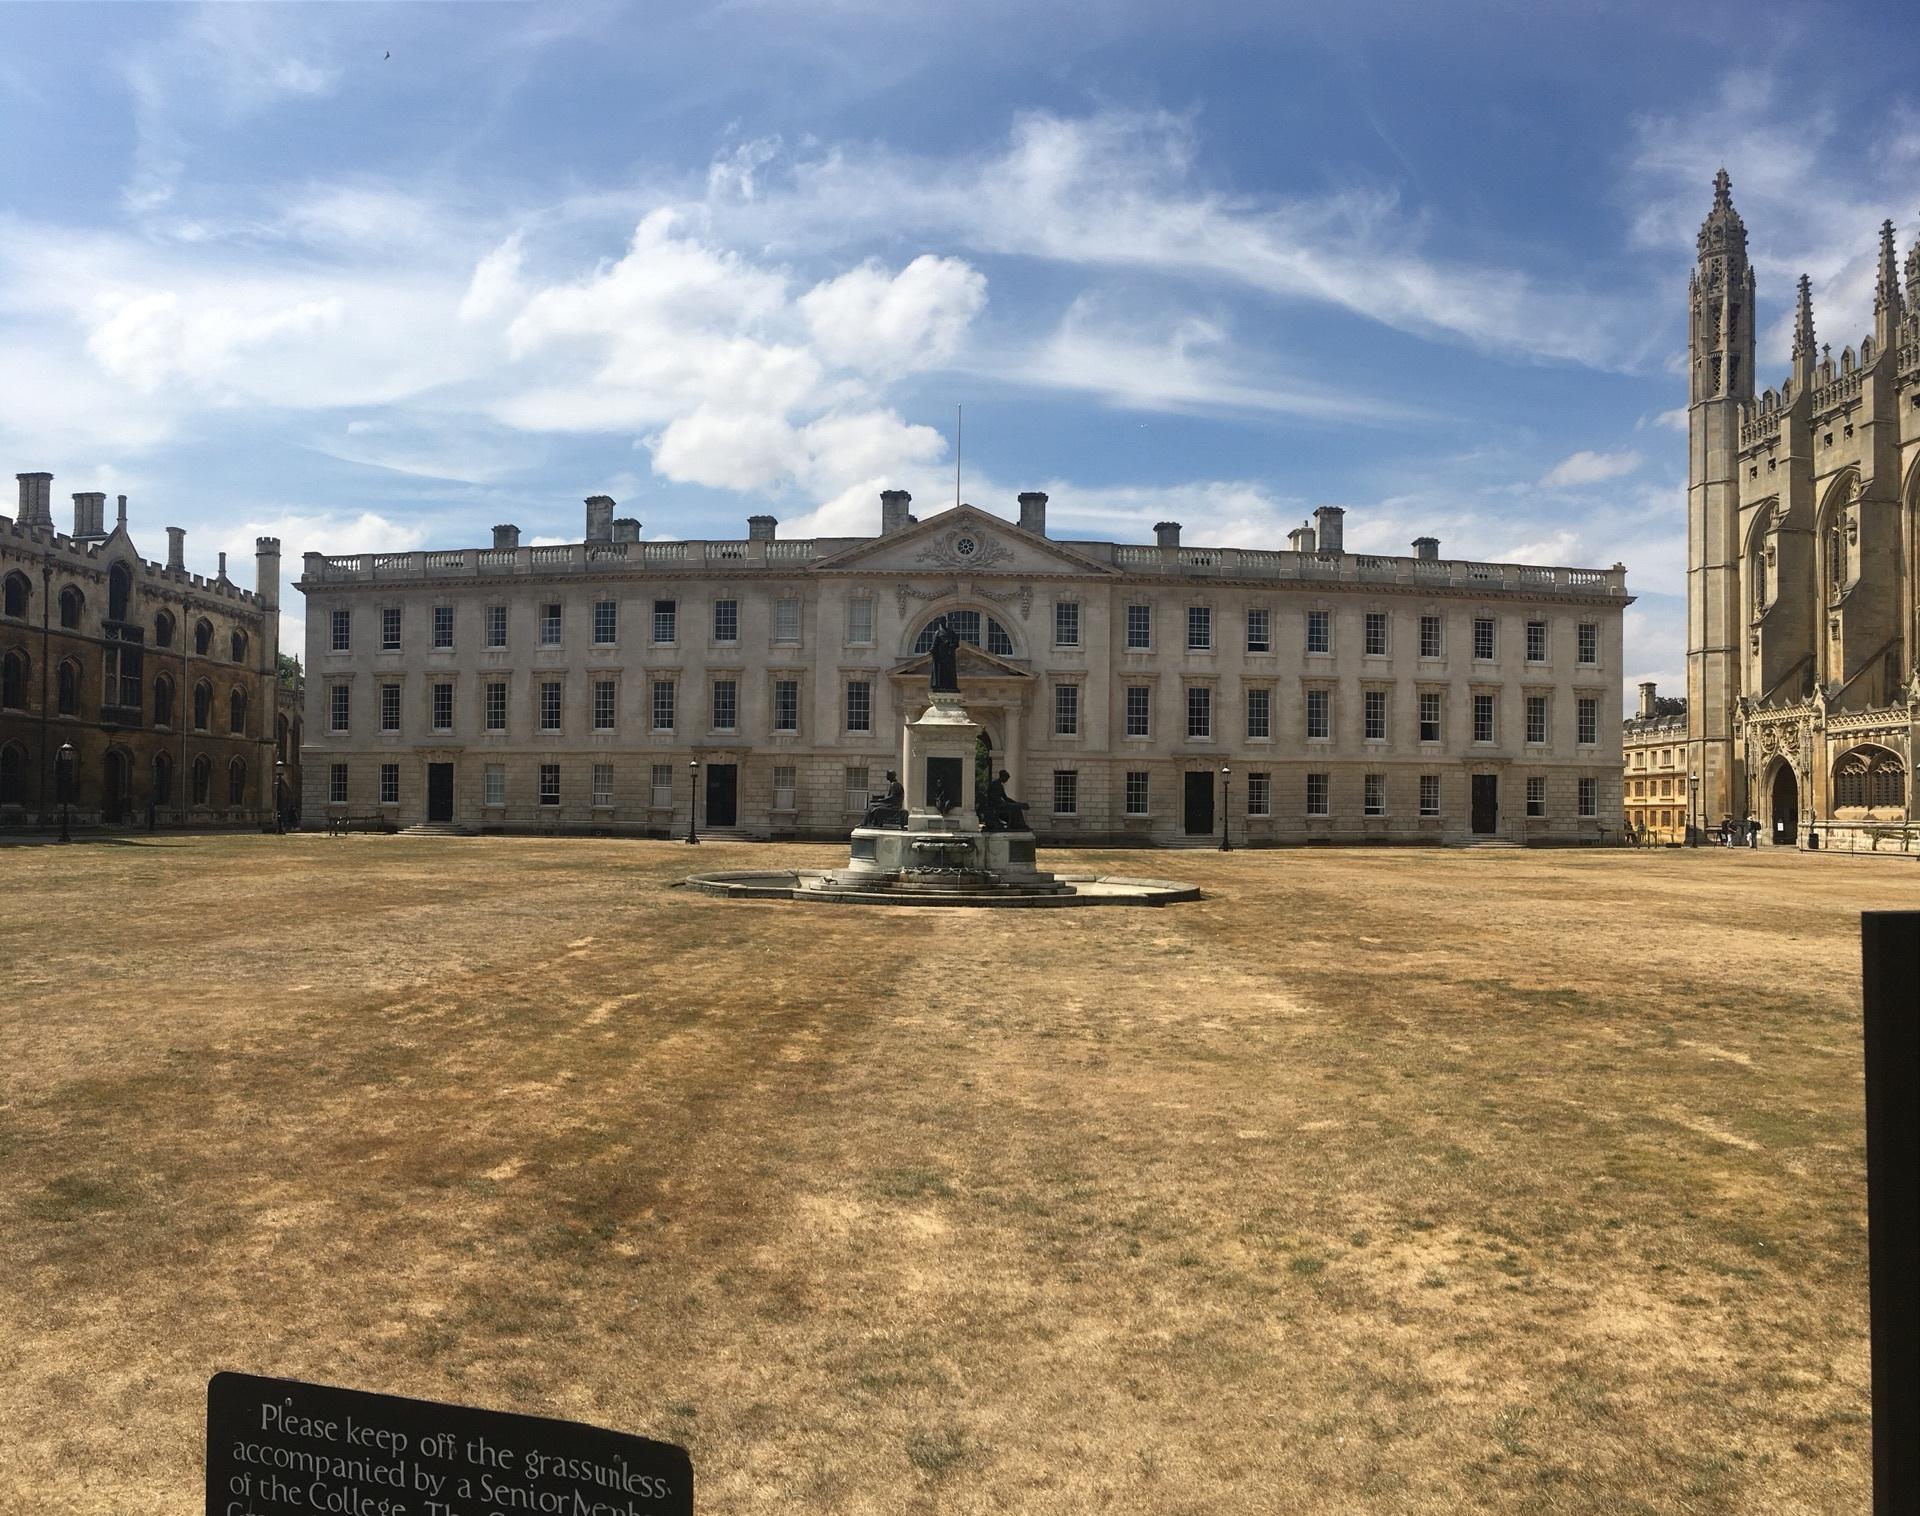 剑桥一日游-三一攻略、更多游船、剑桥学院,剑手游女帝ol学院哪里打国王哞哞图片